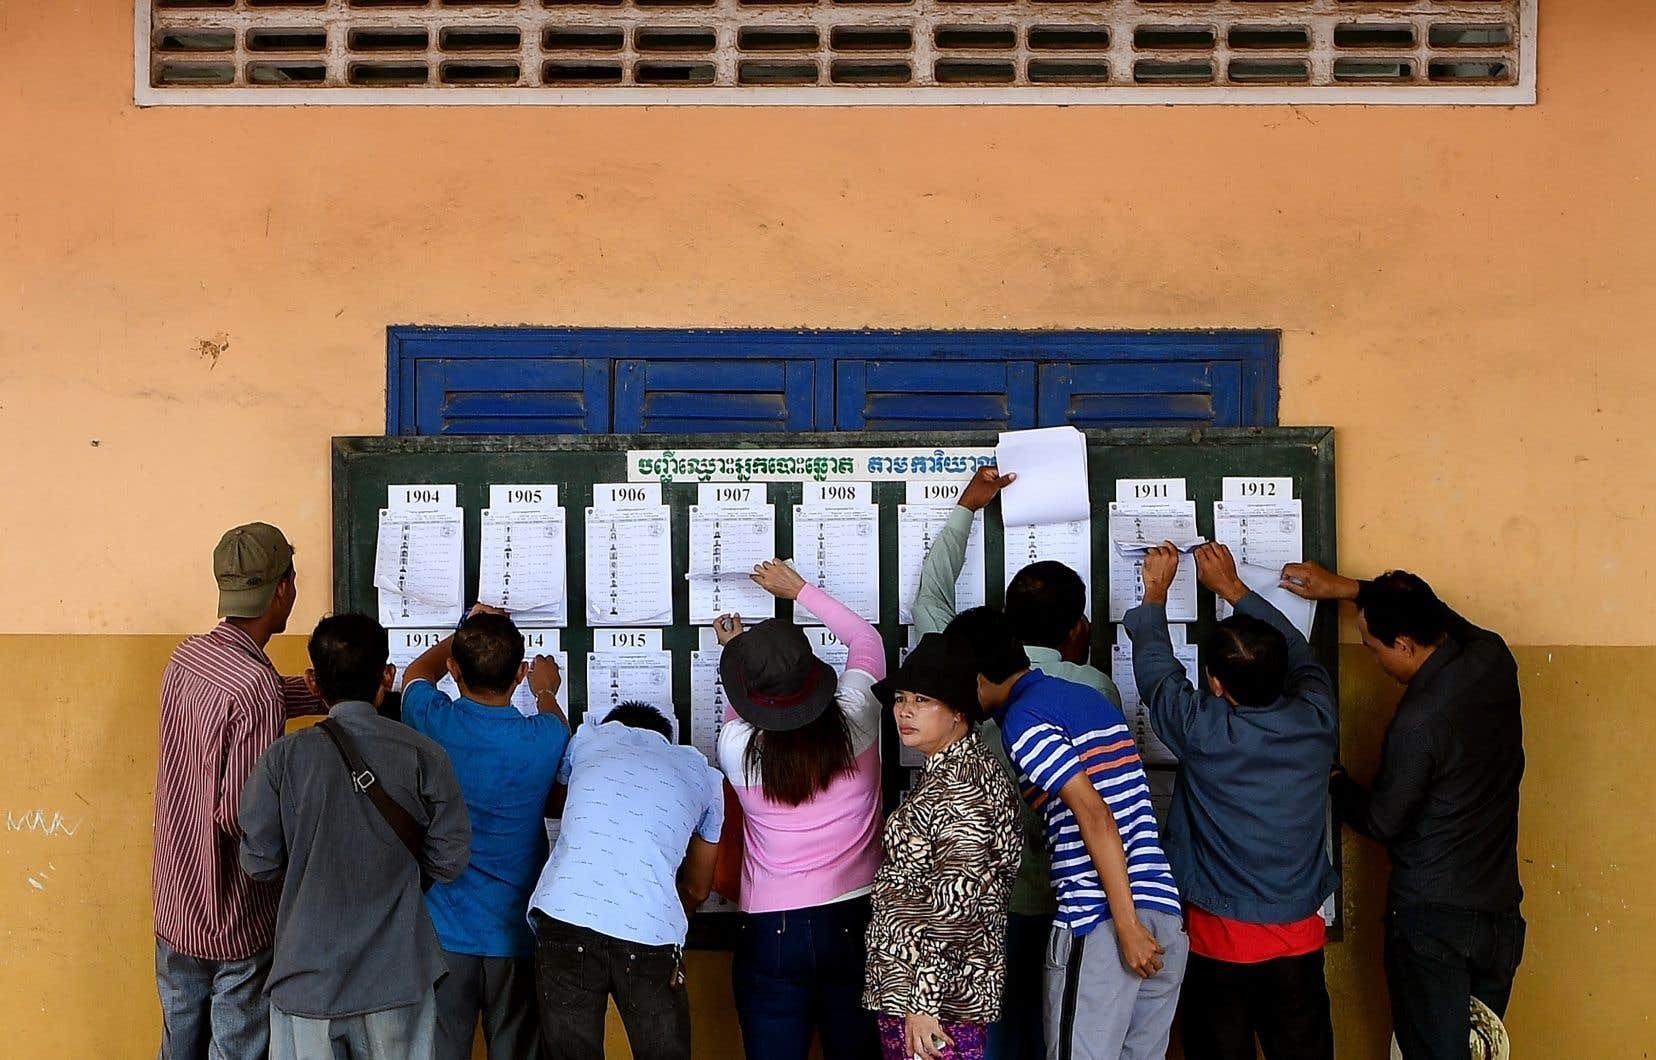 Des Cambodgiens cherchent leur nom sur une liste électorale à un bureau de vote de Phnom Penh, dimanche. Une des questions clés du scrutin concerne le taux d'abstention alors que l'opposition a appelé au boycottage des législatives.